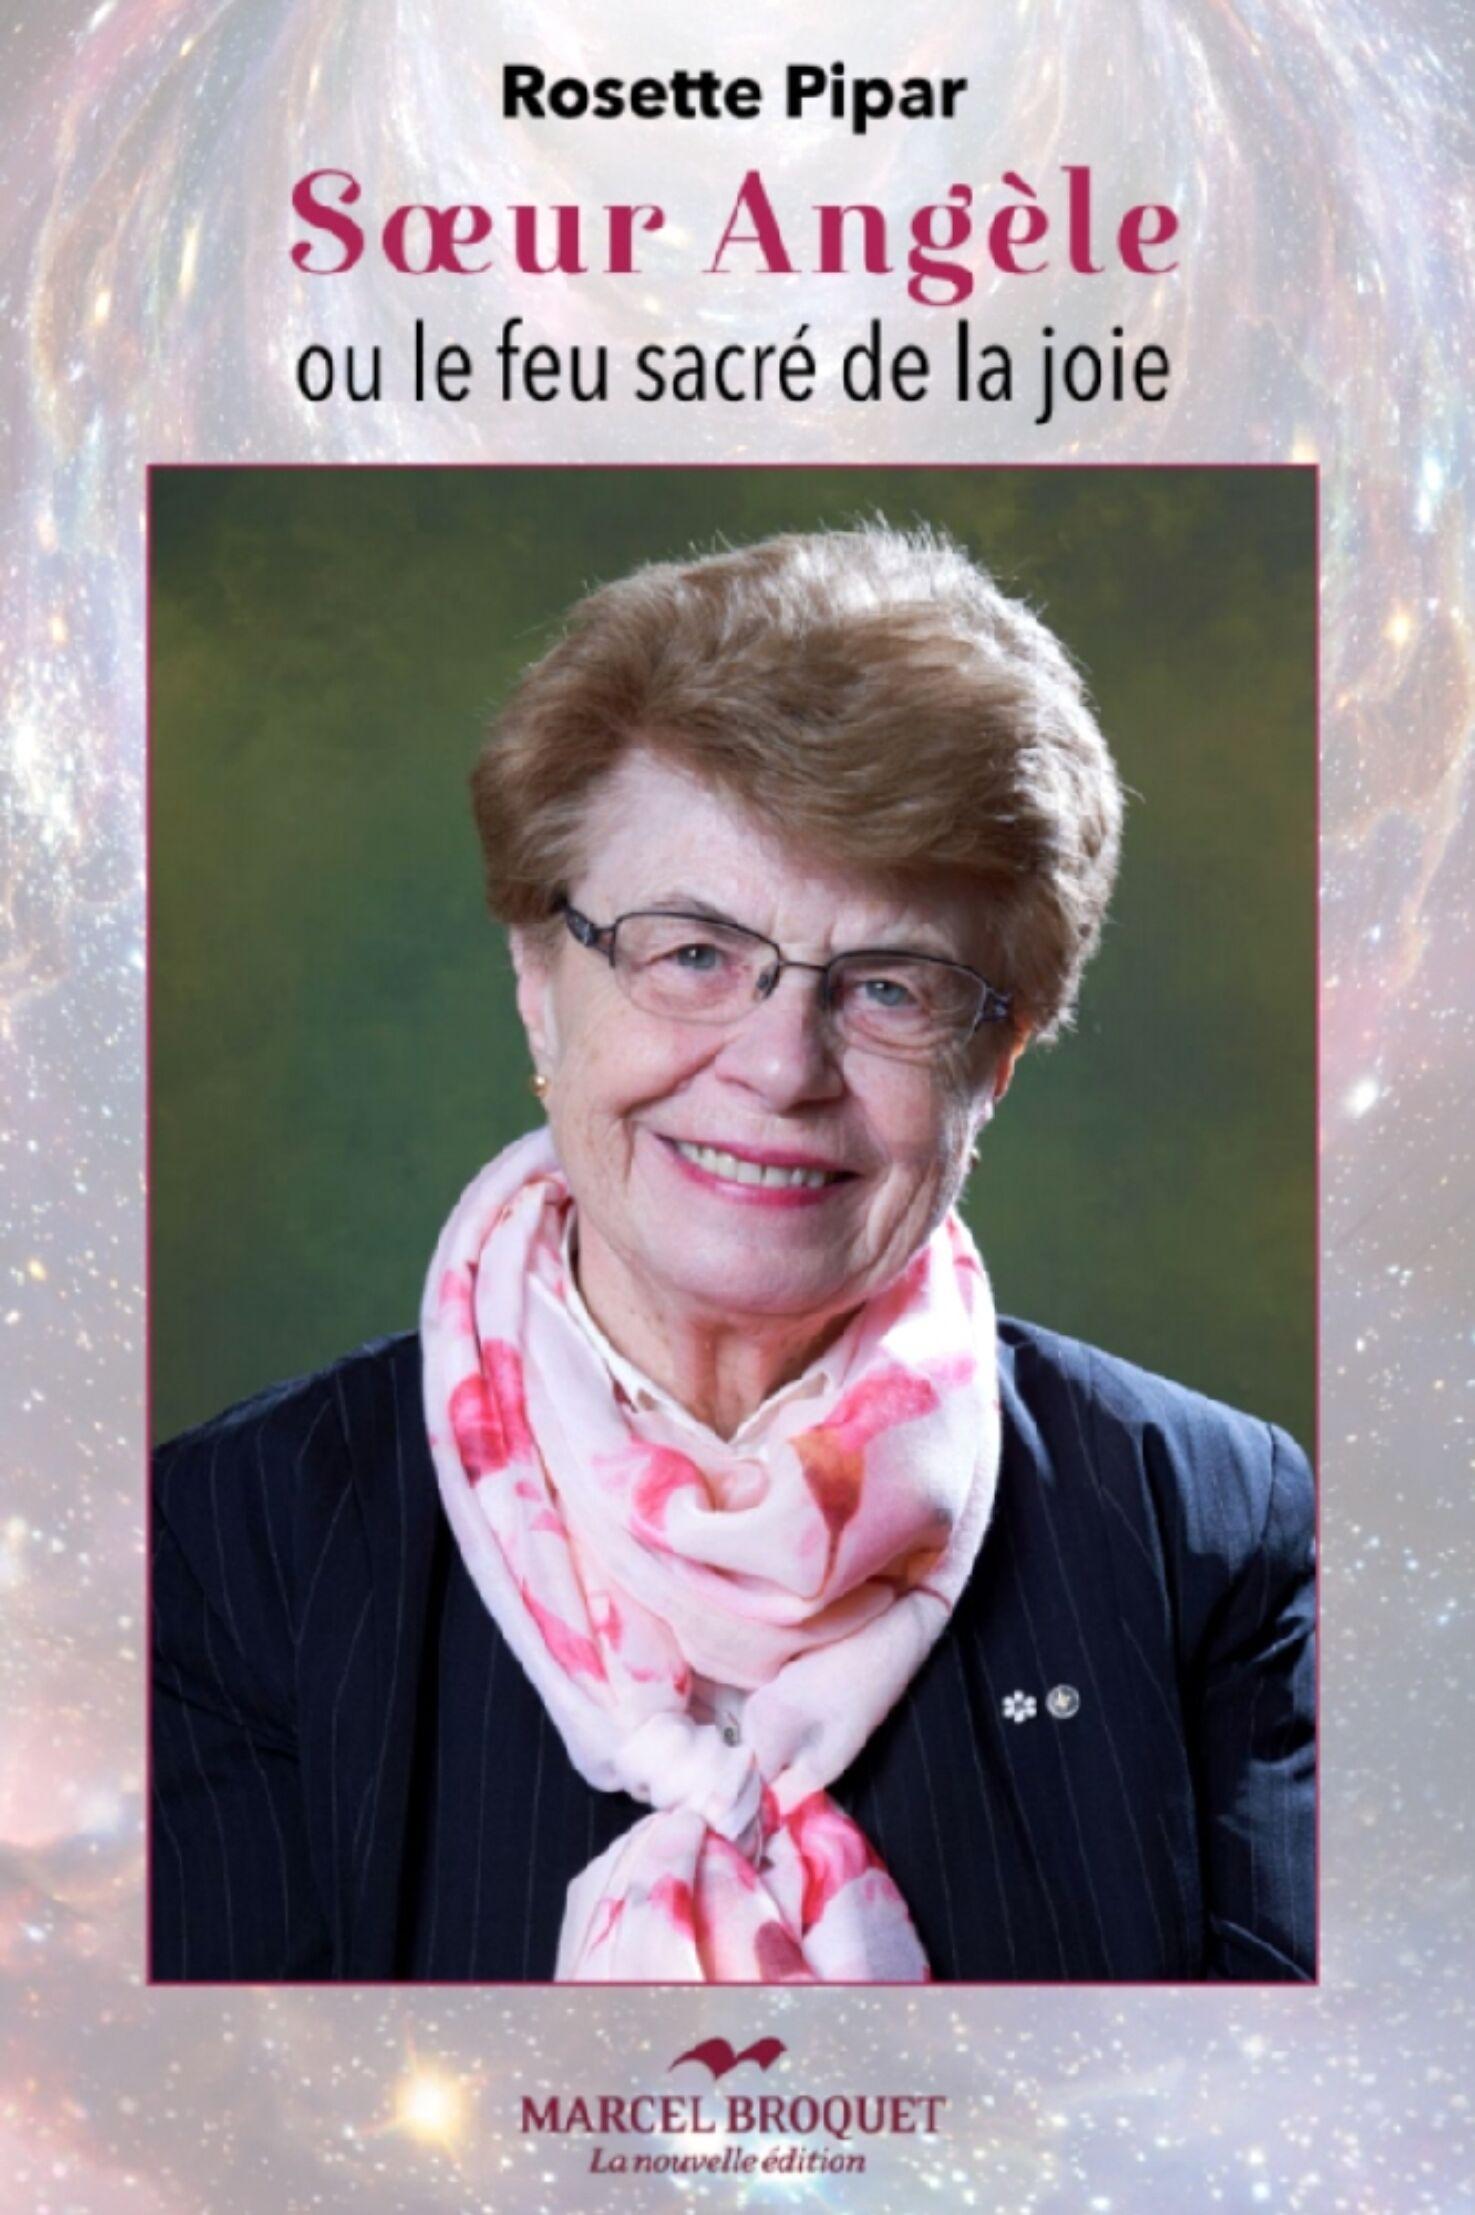 Rosette Pipar/Soeur Angèle